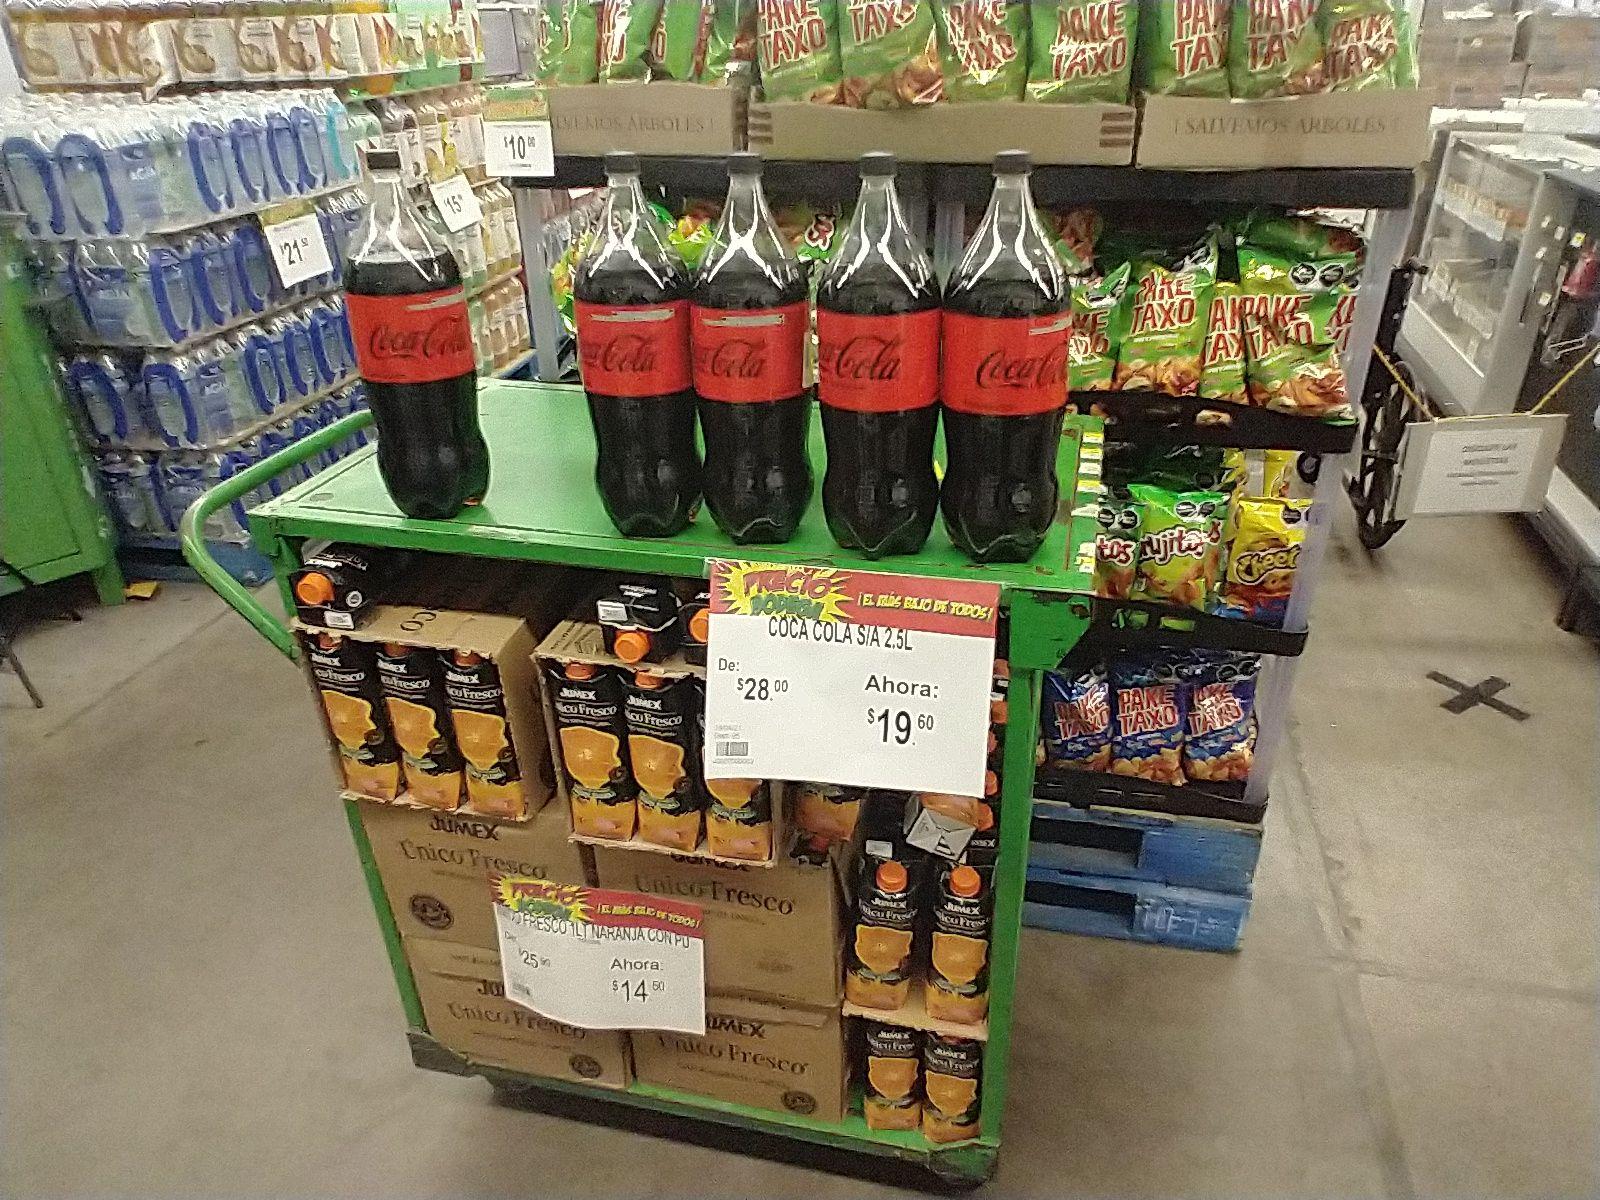 Bodega aurrera huatusco: Coca cola sin azúcar 2.5 lt